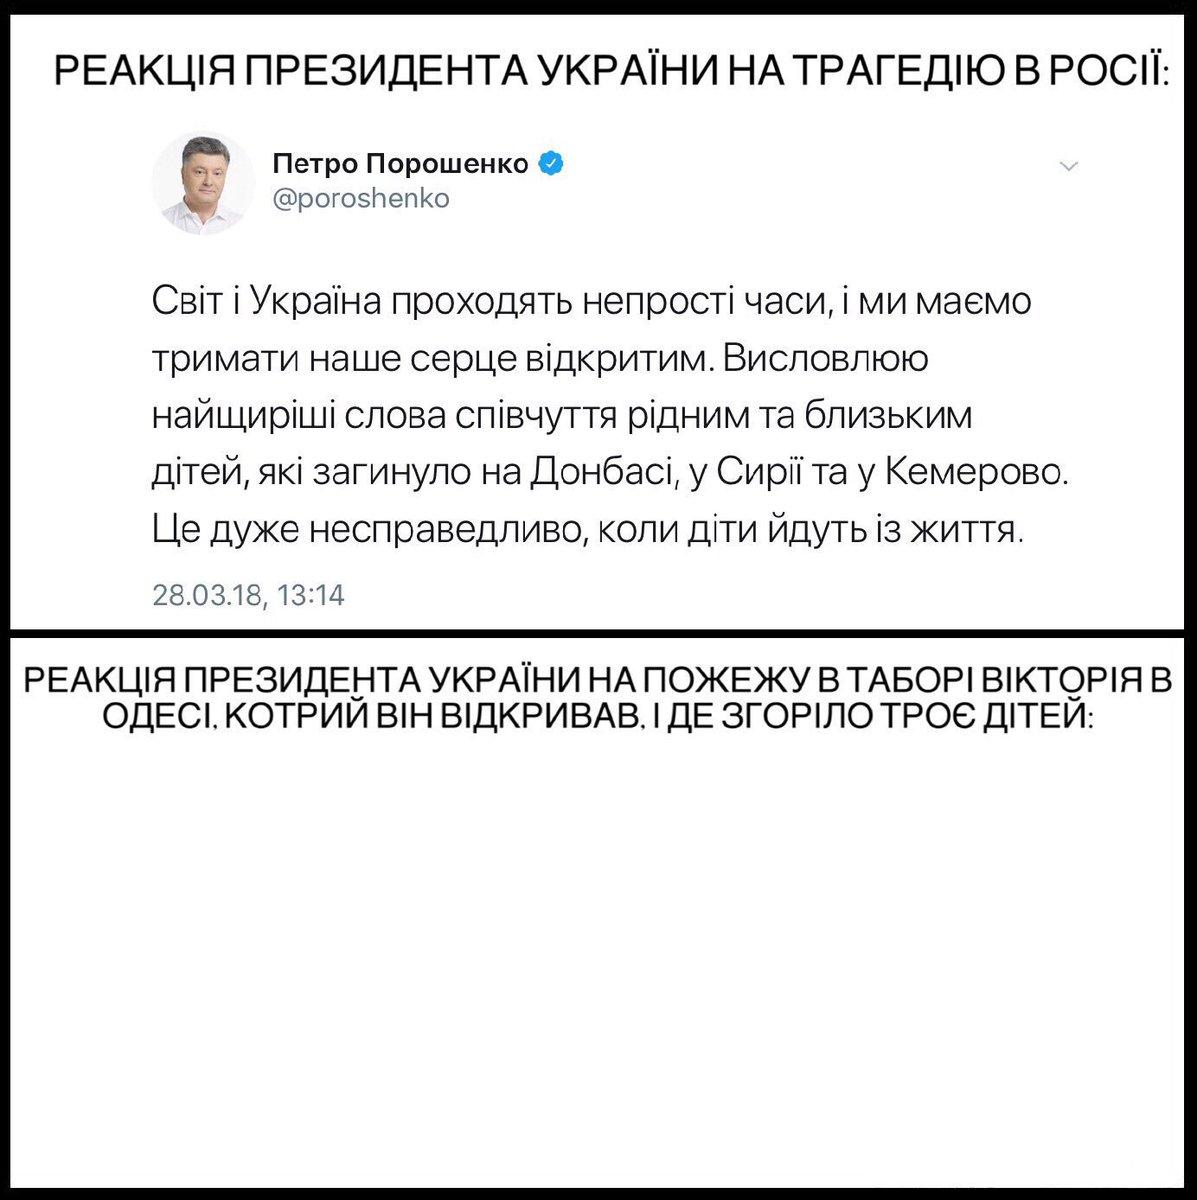 Рада має ухвалити рішення про скасування е-декларування антикорупціонерів, - Порошенко - Цензор.НЕТ 821